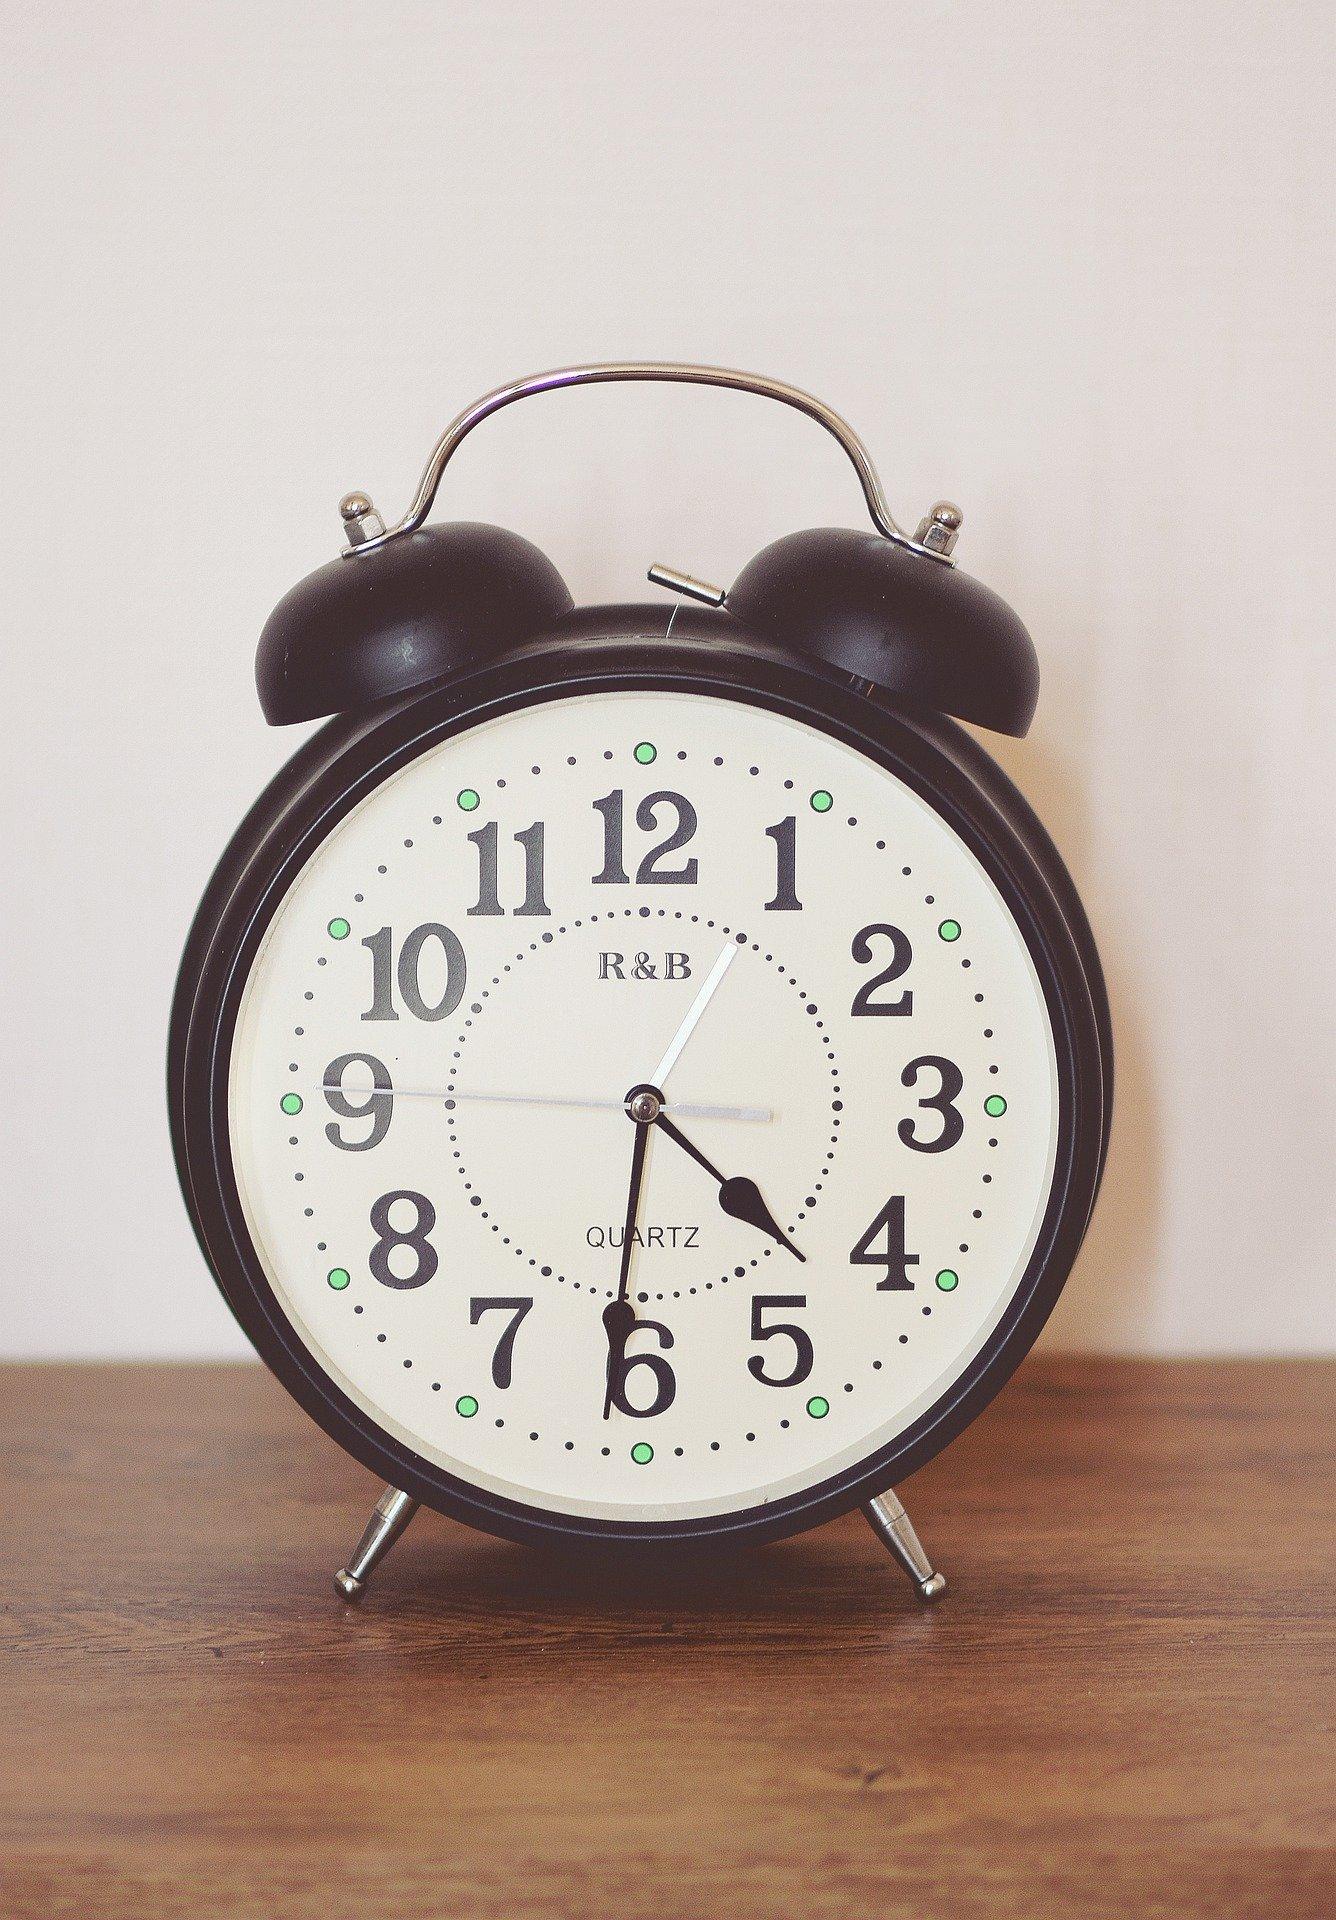 Daylight Savings Time - San Bernardino, CA